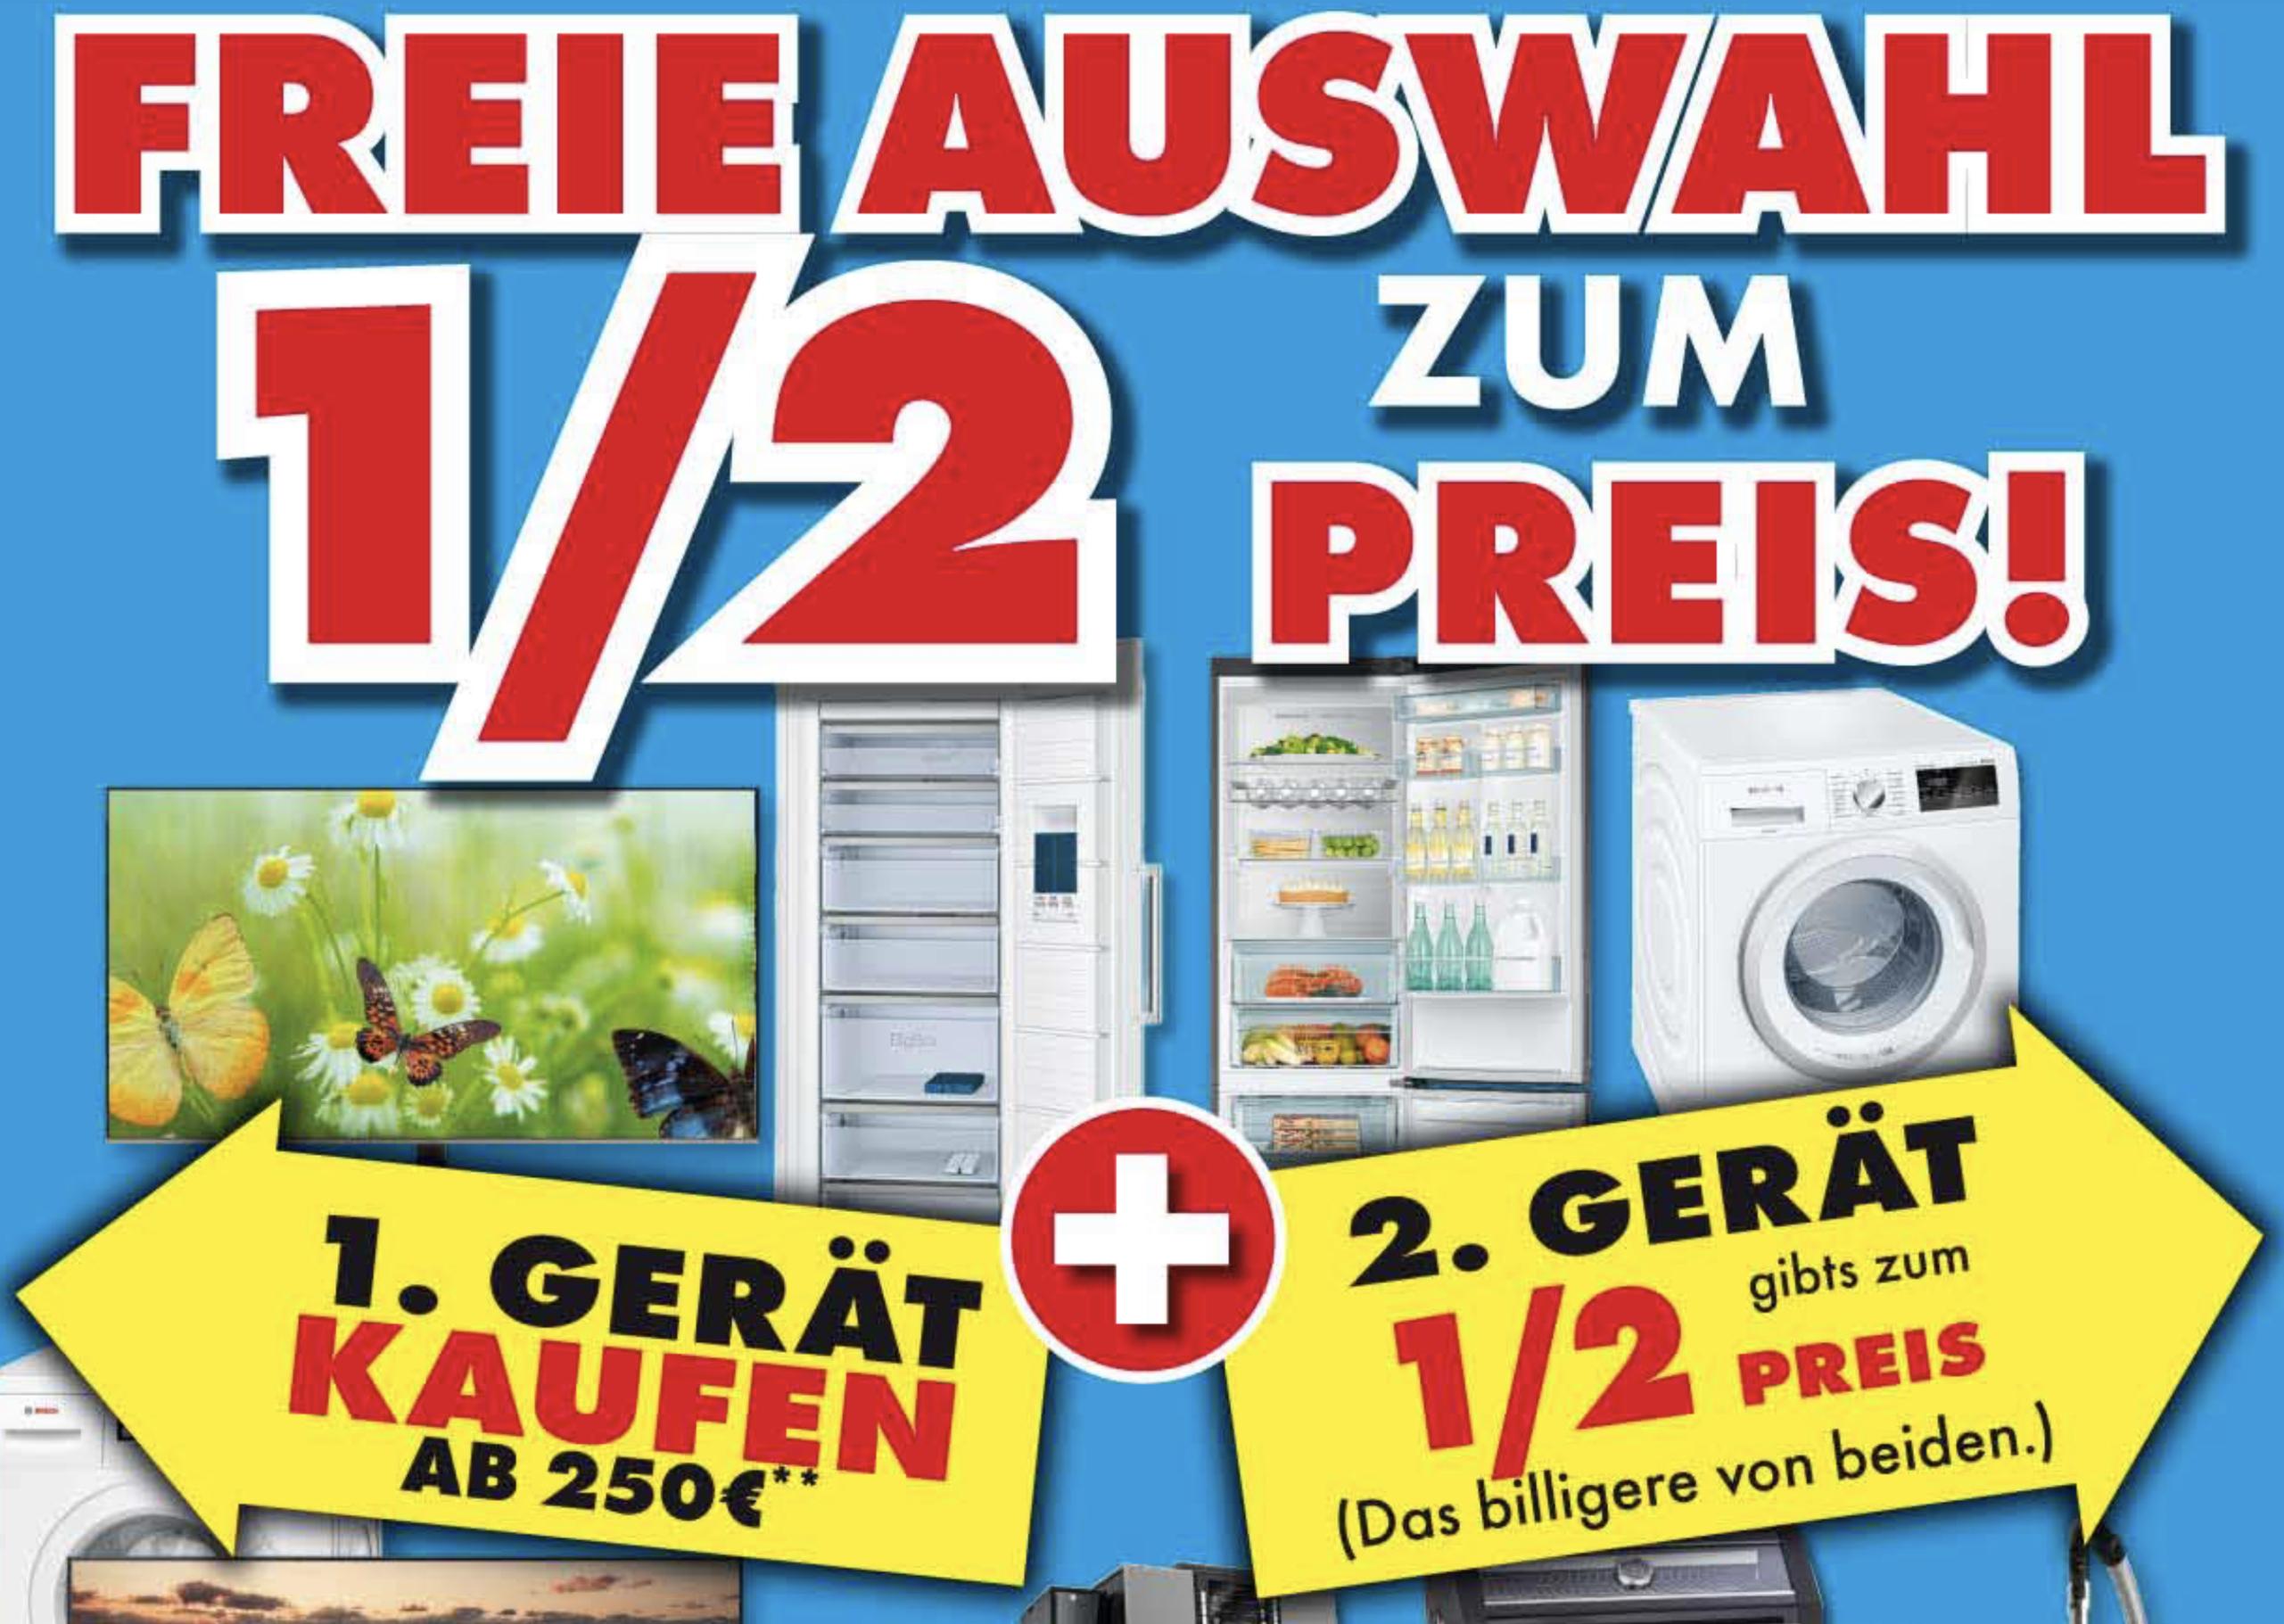 Lokal Euronics Hartmann: 1 Gerät kaufen (ab 250€) und das 2. zum 1/2 Preis - Unterhaltungselektronik, TVs, Haushalts-Groß u. Kleingeräte